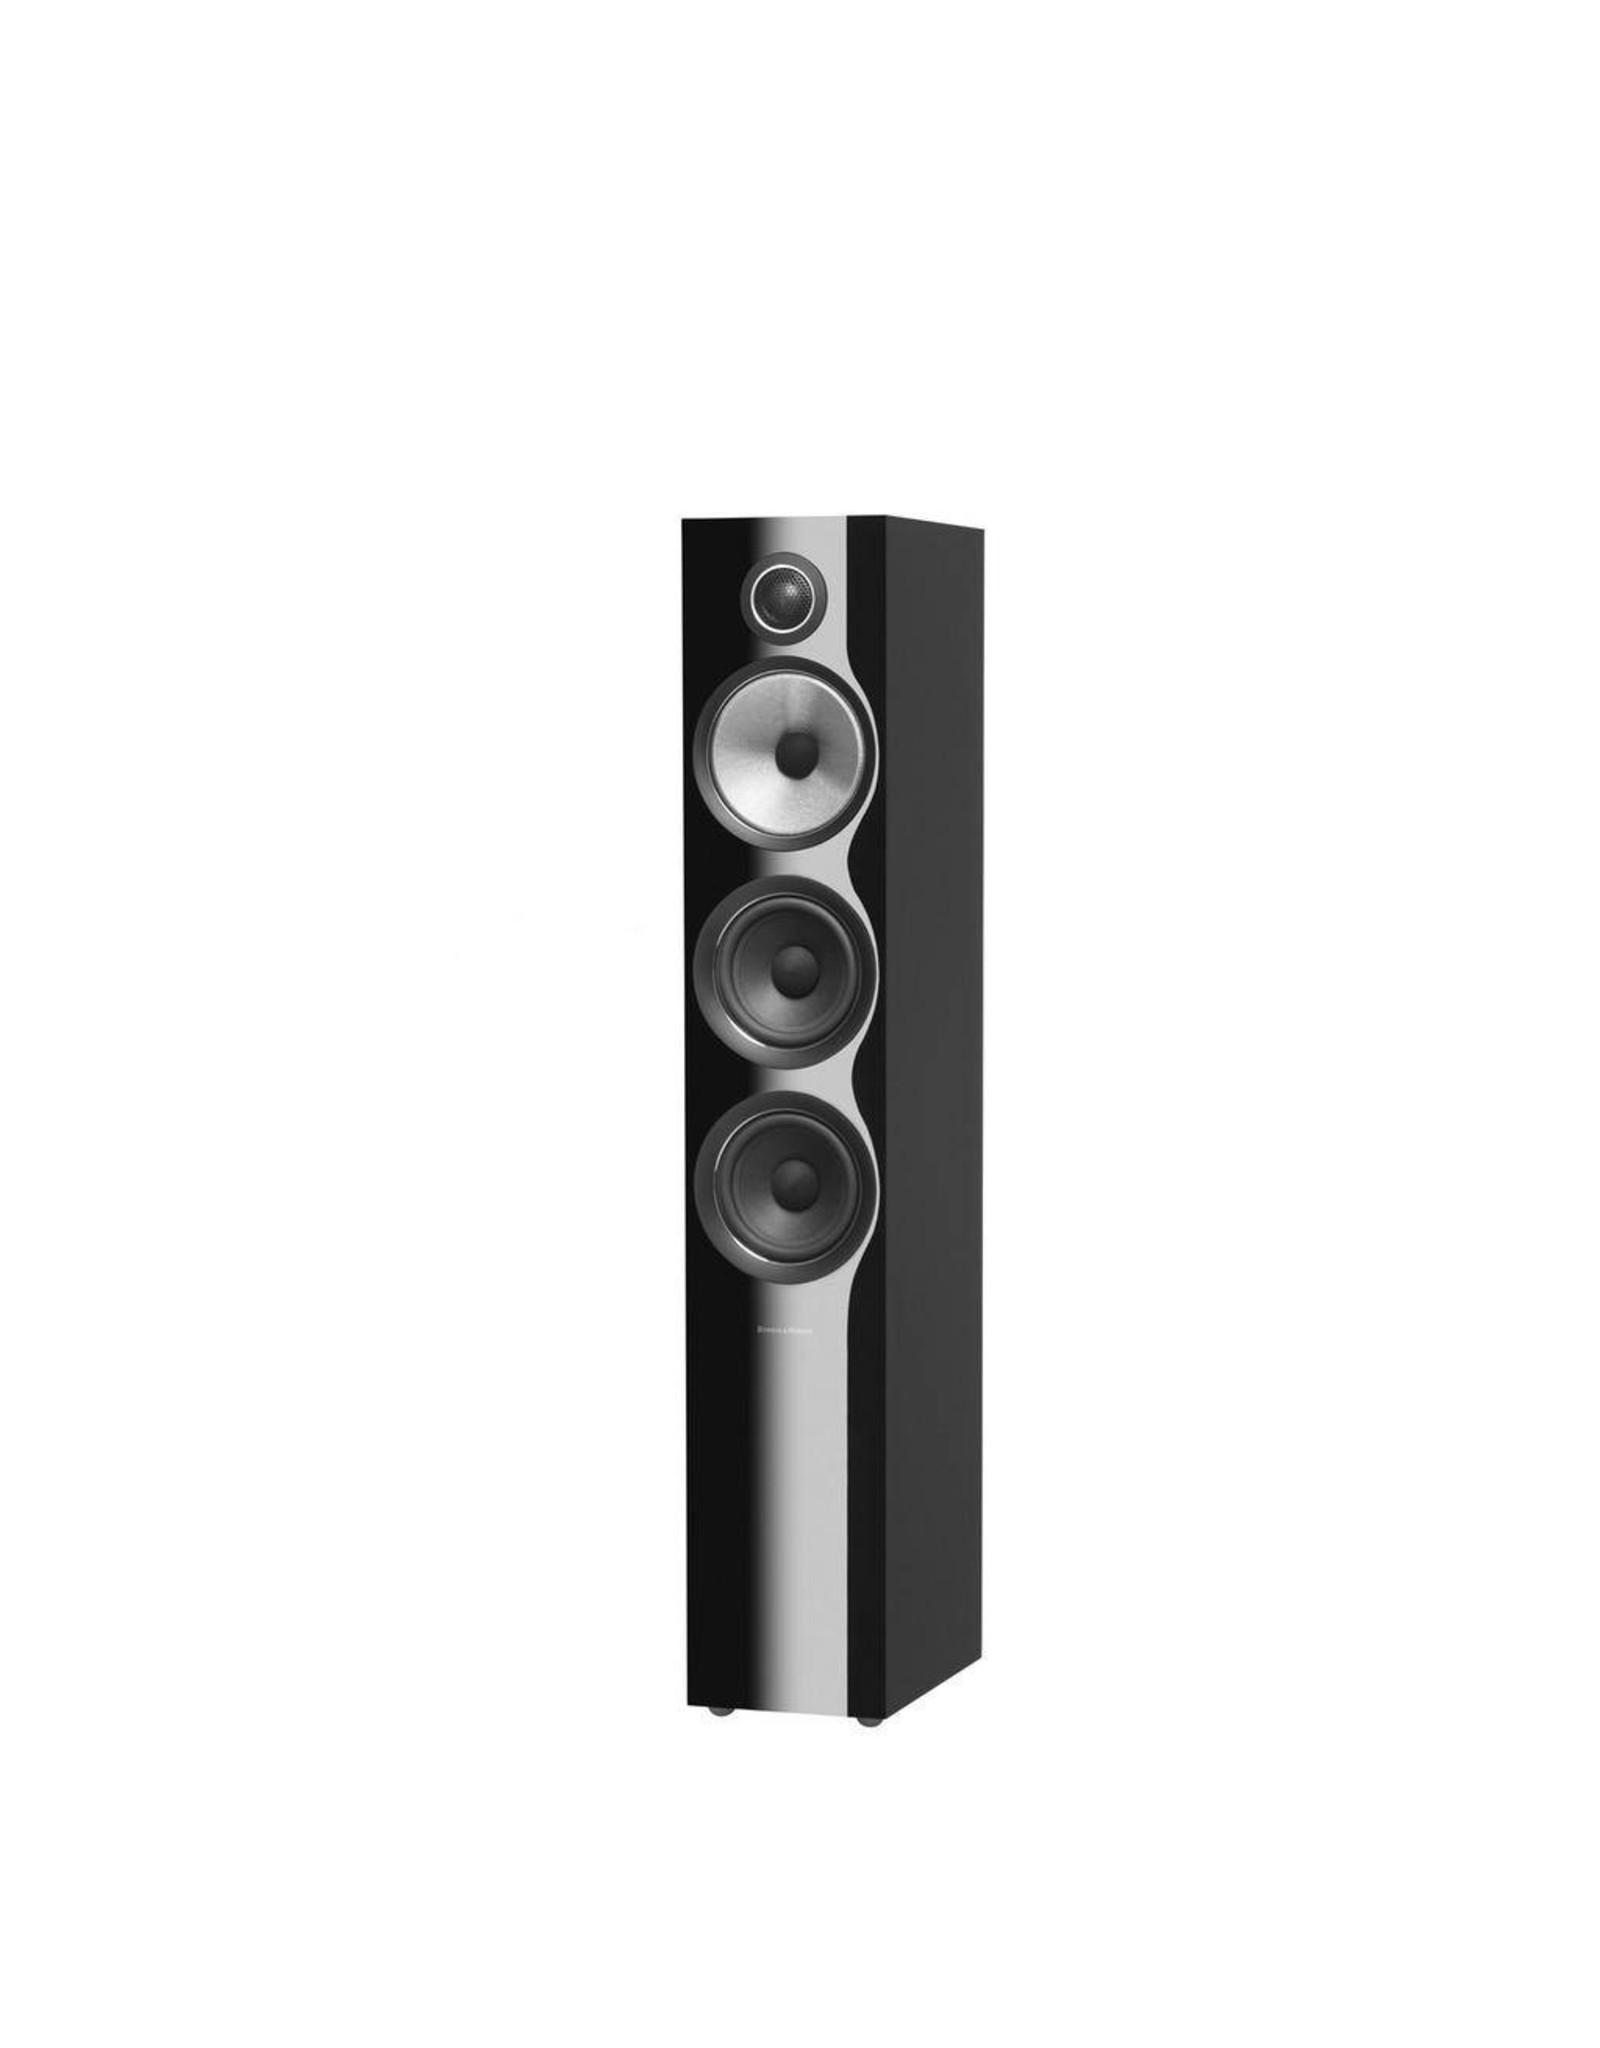 BOWERS & WILKINS B&W 704 S2 3-Way Floor Standing Speakers (pair)